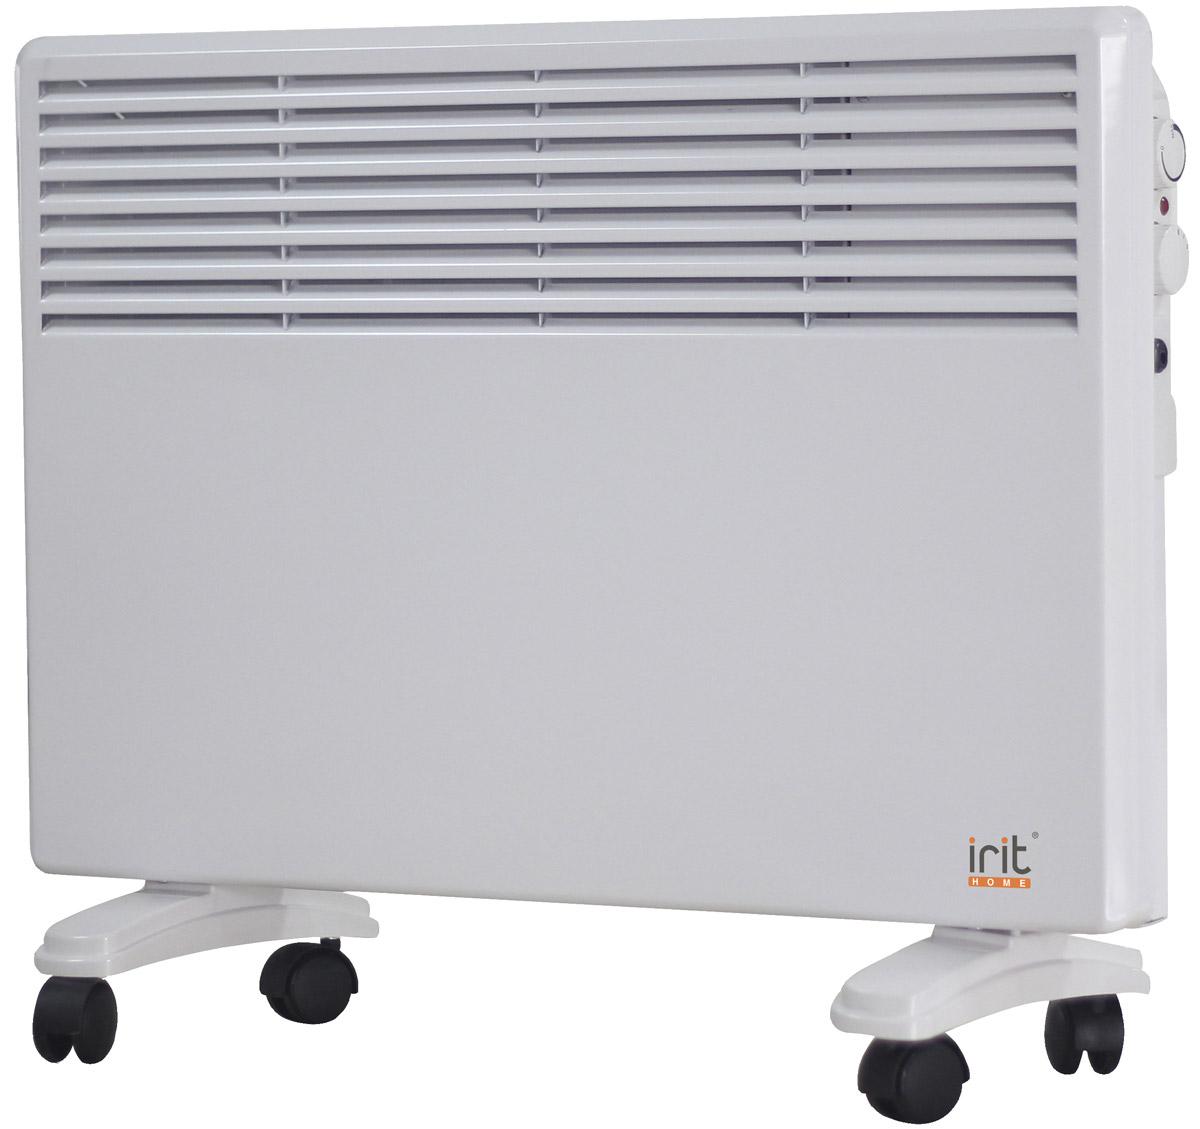 Irit IR-6205 конвекторный обогревательIR-6205Конвектор Irit IR-6205 отлично подойдет для дома и дачи. Устройство работает по принципу естественной конвекции. Холодный воздух, проходя через конвектор и его нагревательный элемент, нагревается и выходит сквозь решетки-жалюзи, незамедлительно начиная обогревать помещение. Имеет возможность настенной и напольной установки.